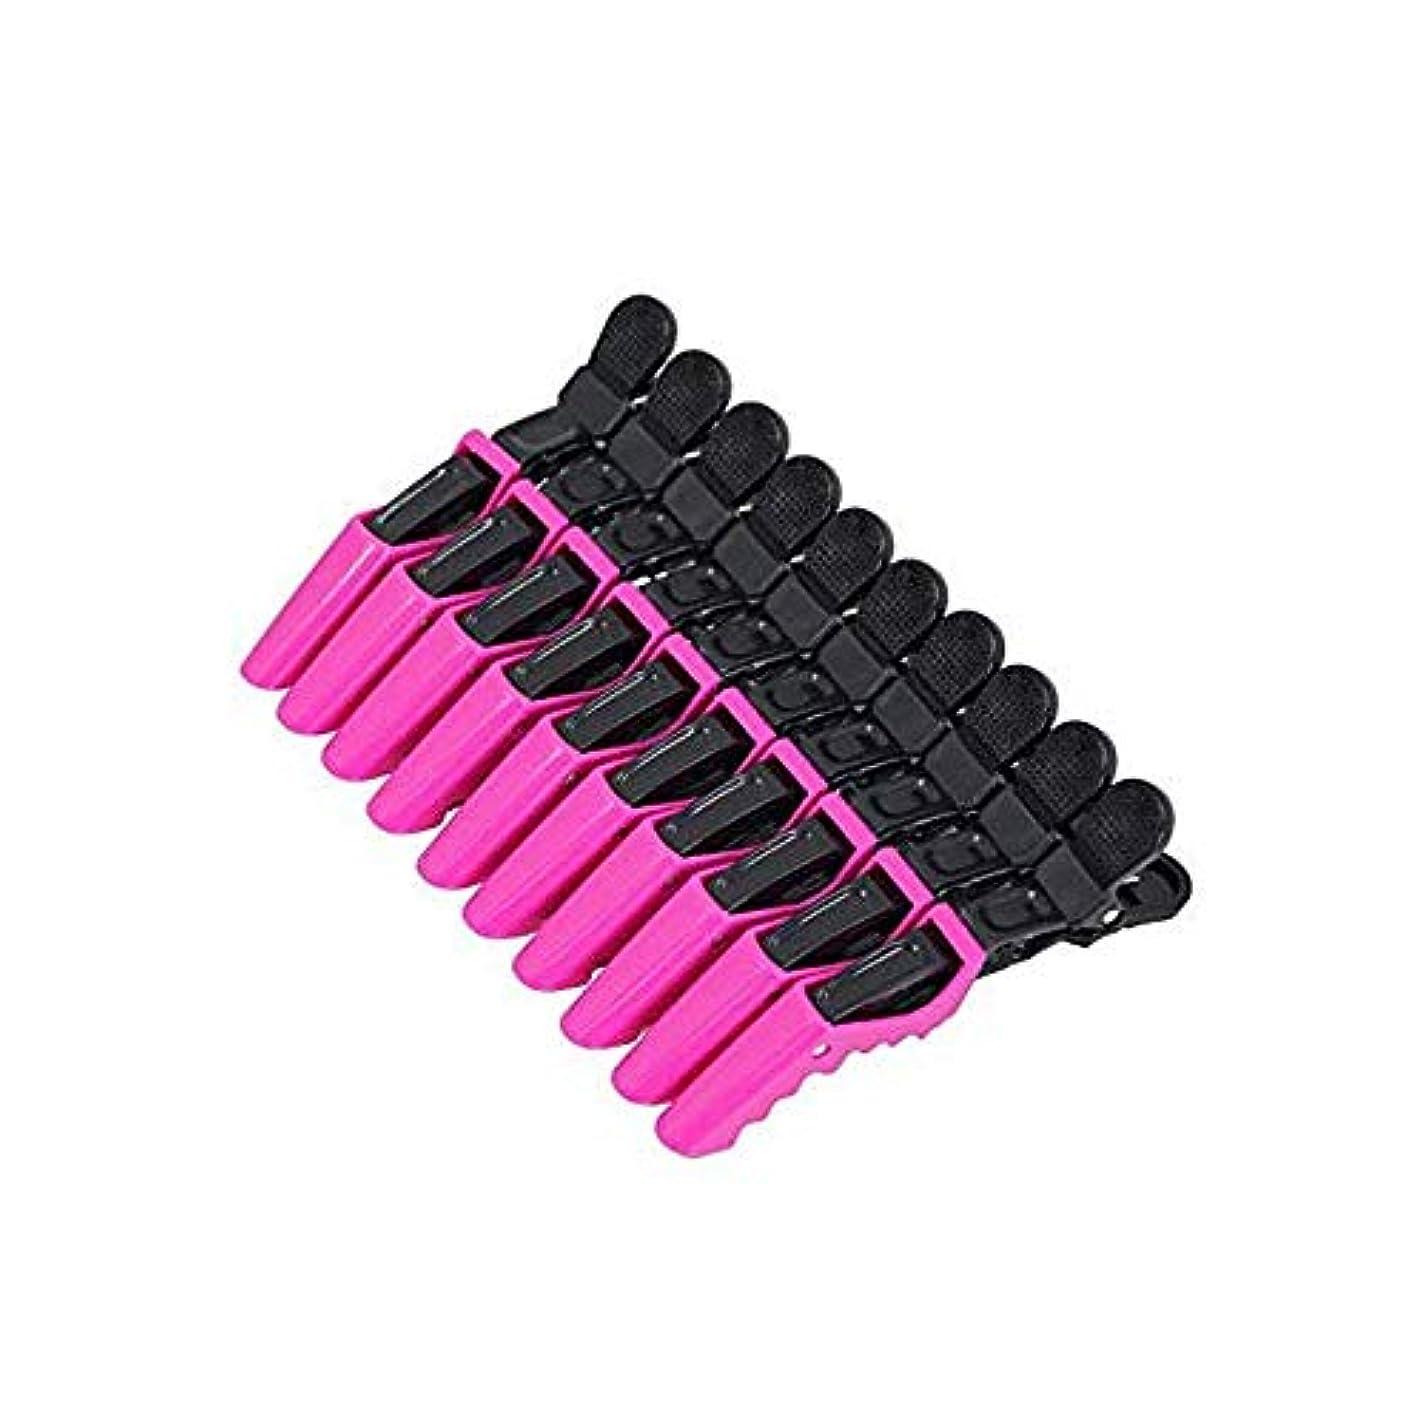 和解するラップ標高10個セット ワニ口クリップ 美容ヘアクリップ 美容ツール 固定ヘアクリップ デザイナーヘアクリップ 調整可能 ブラックピンク